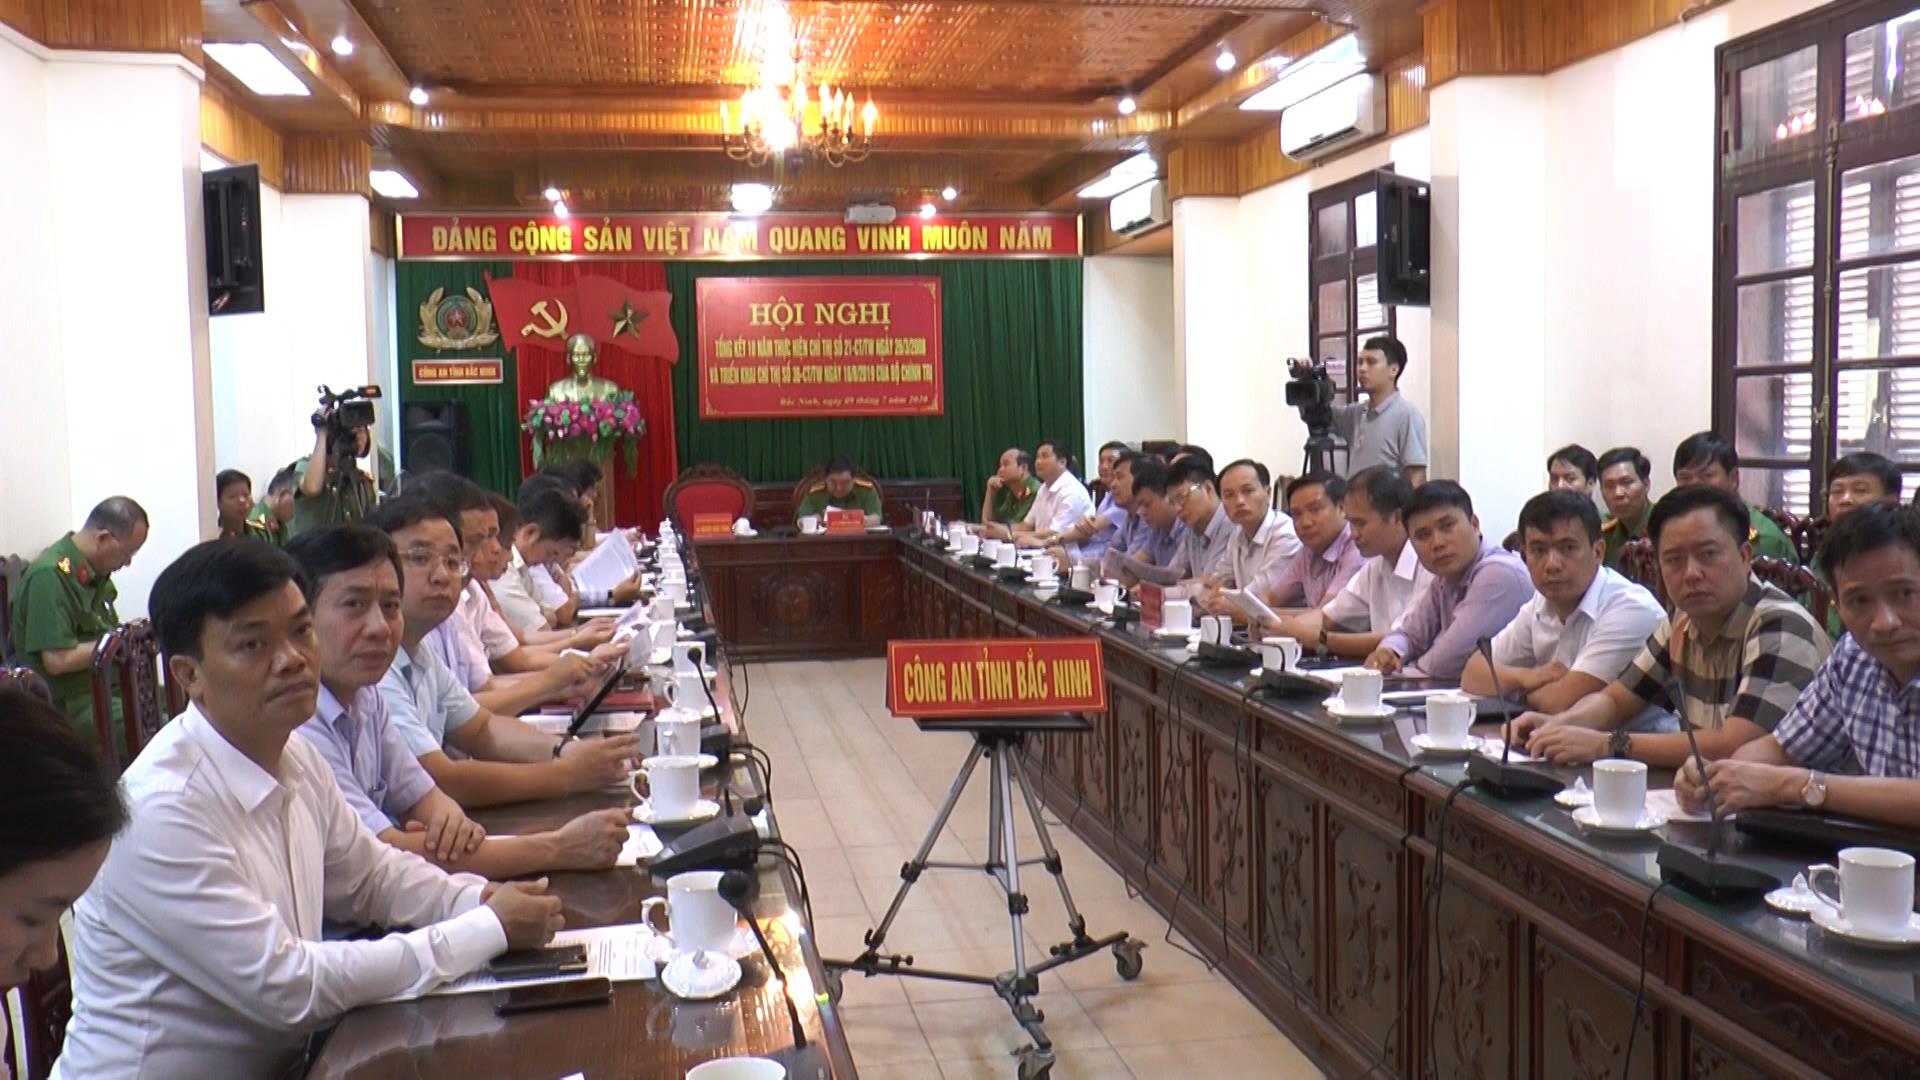 Hội nghị trực tuyến tổng kết 10 năm thực hiện Chỉ thị số 21 của Bộ Chính trị